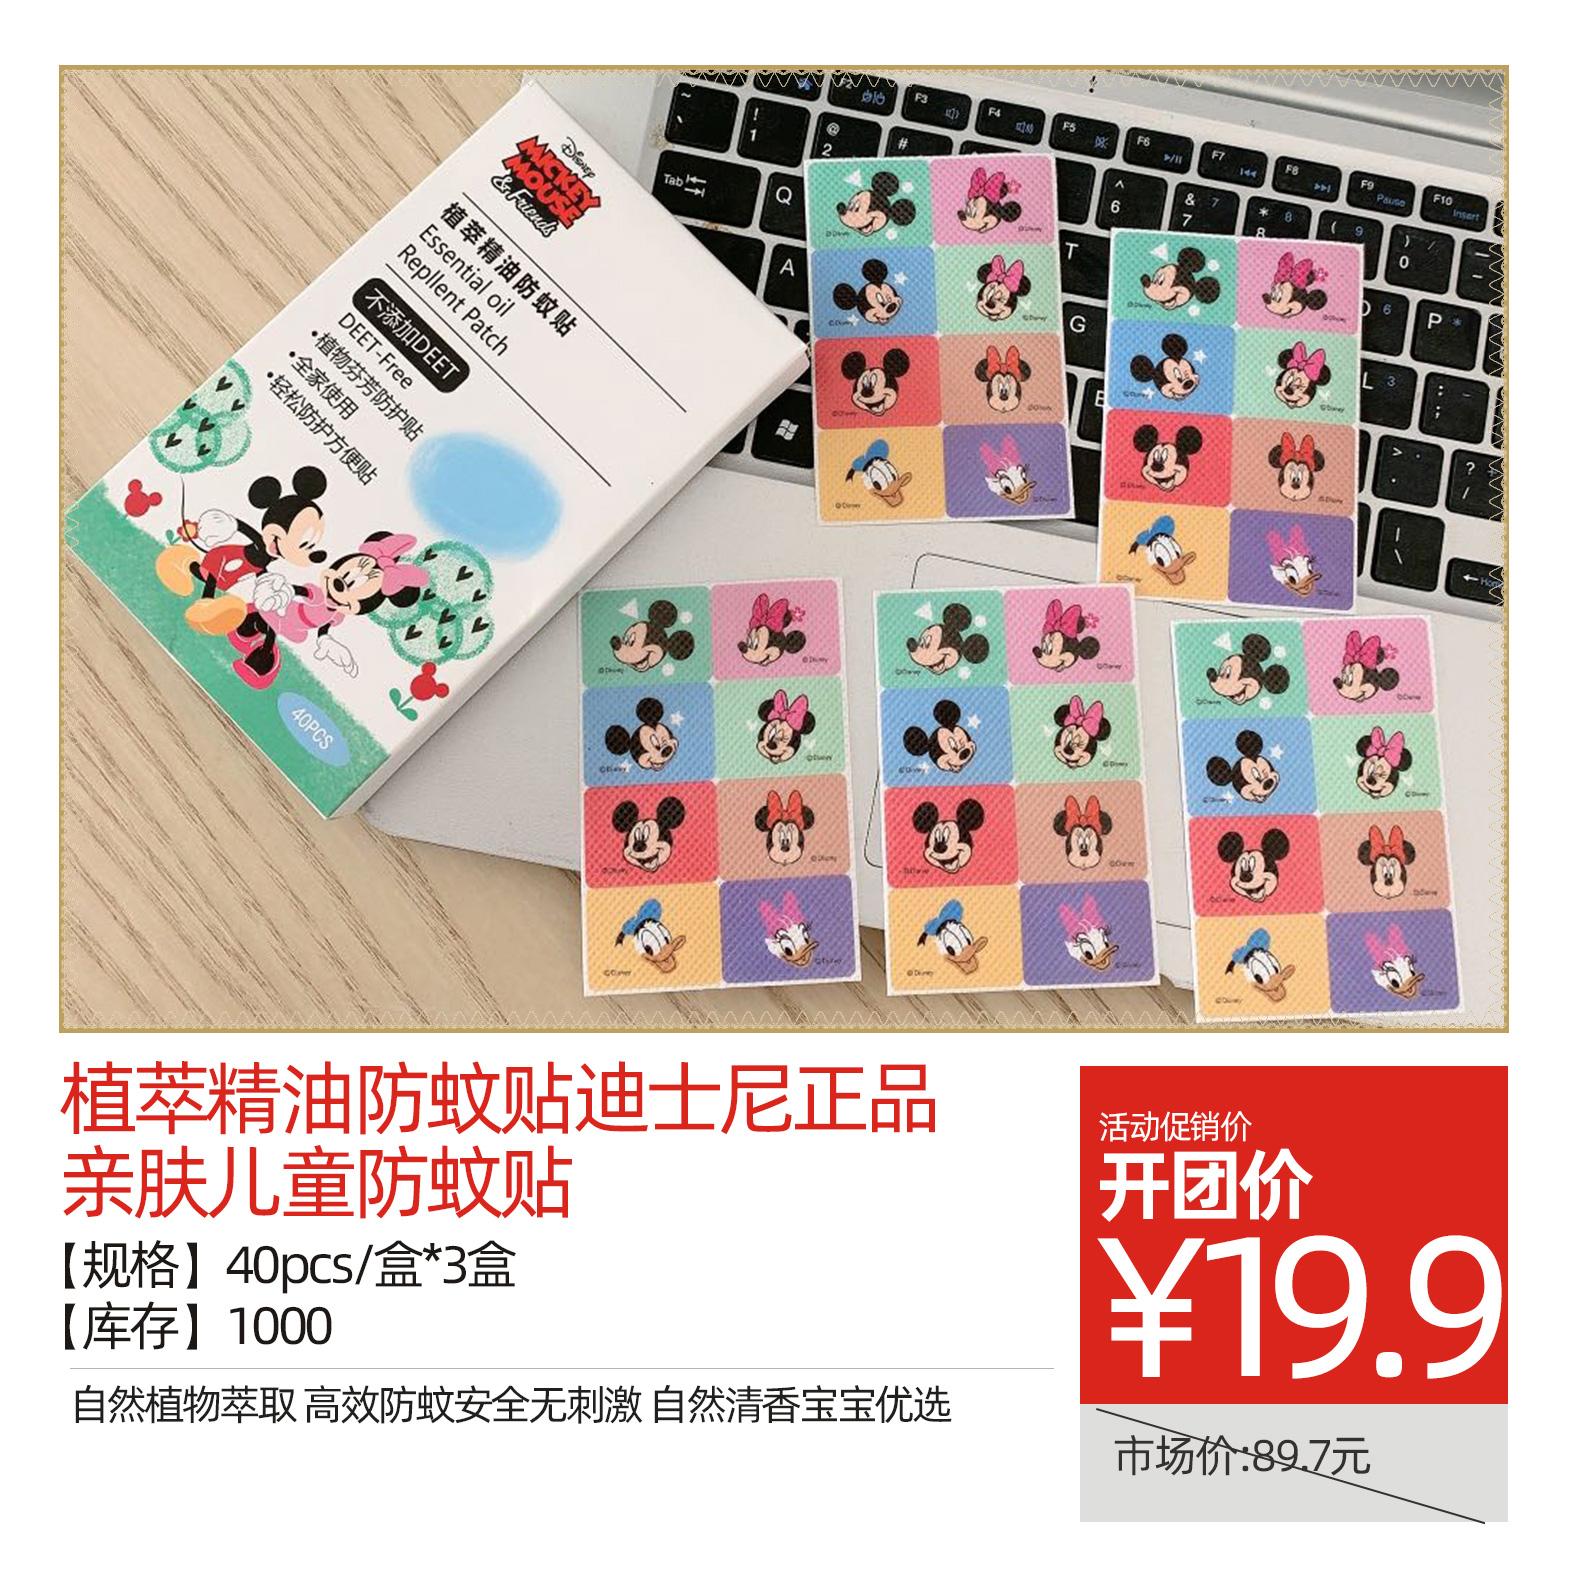 植萃精油防蚊贴迪士尼照片亲肤儿童防伪标40pcs/盒,3盒迪士尼正品防蚊贴